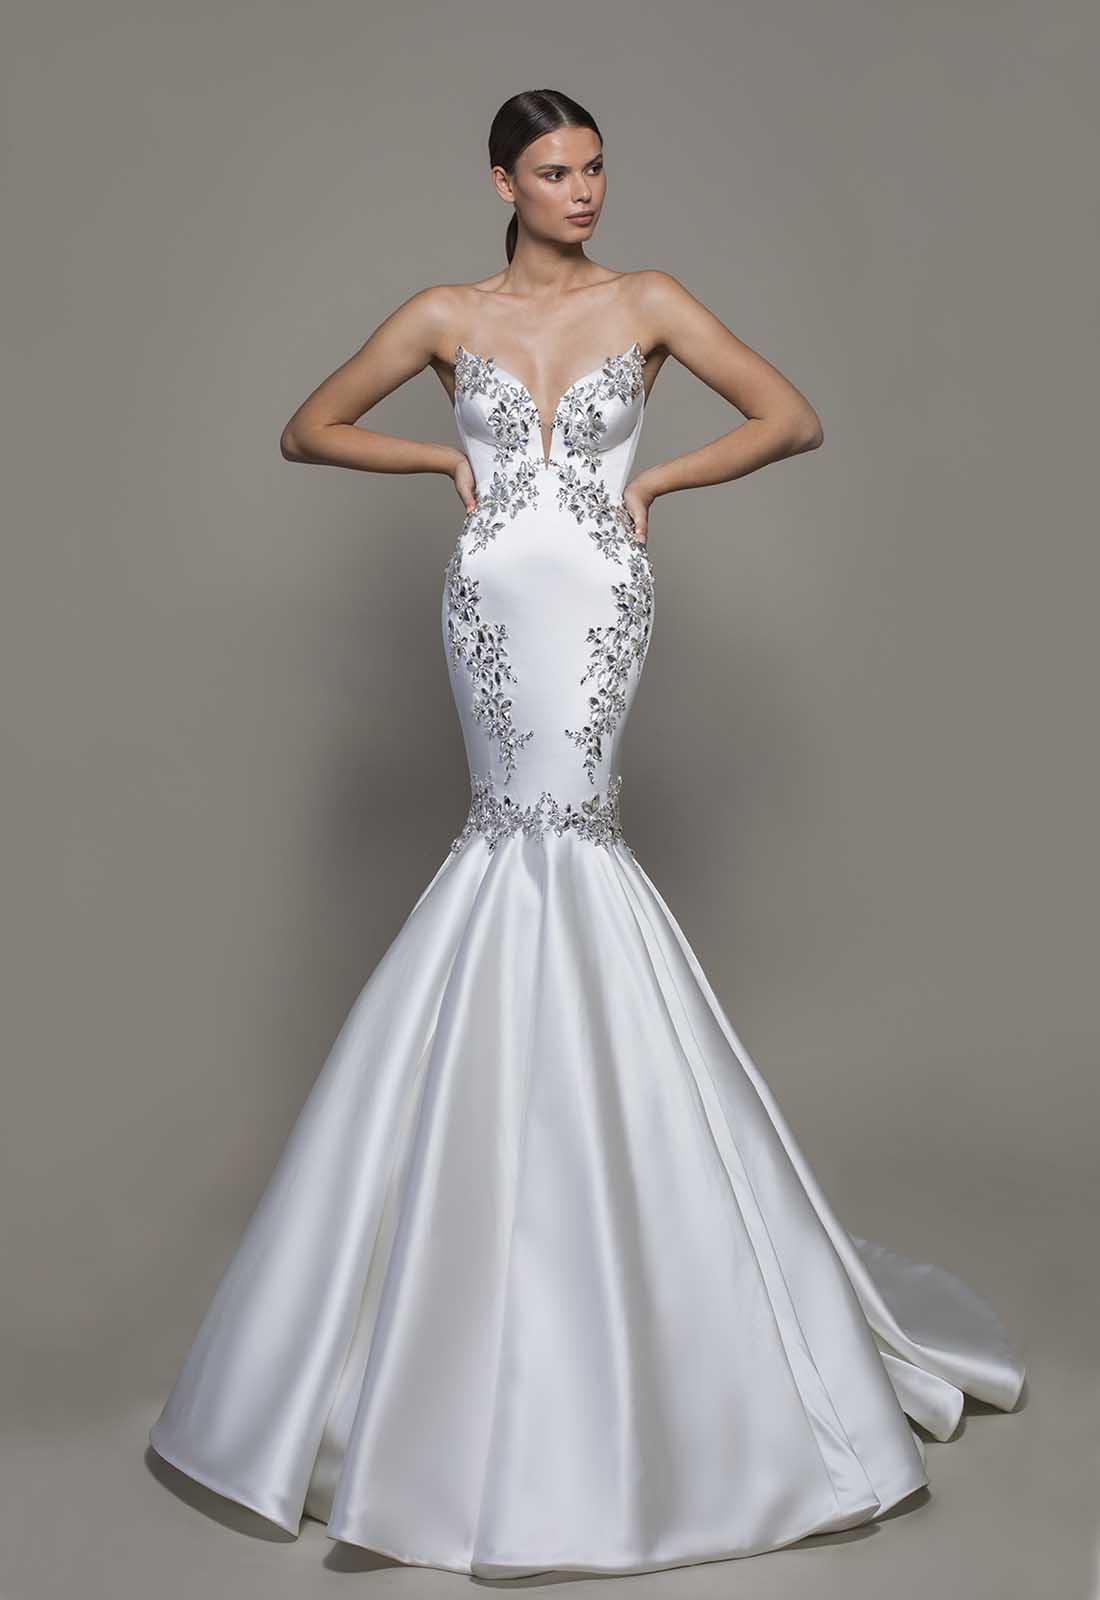 Bridal Beautiful